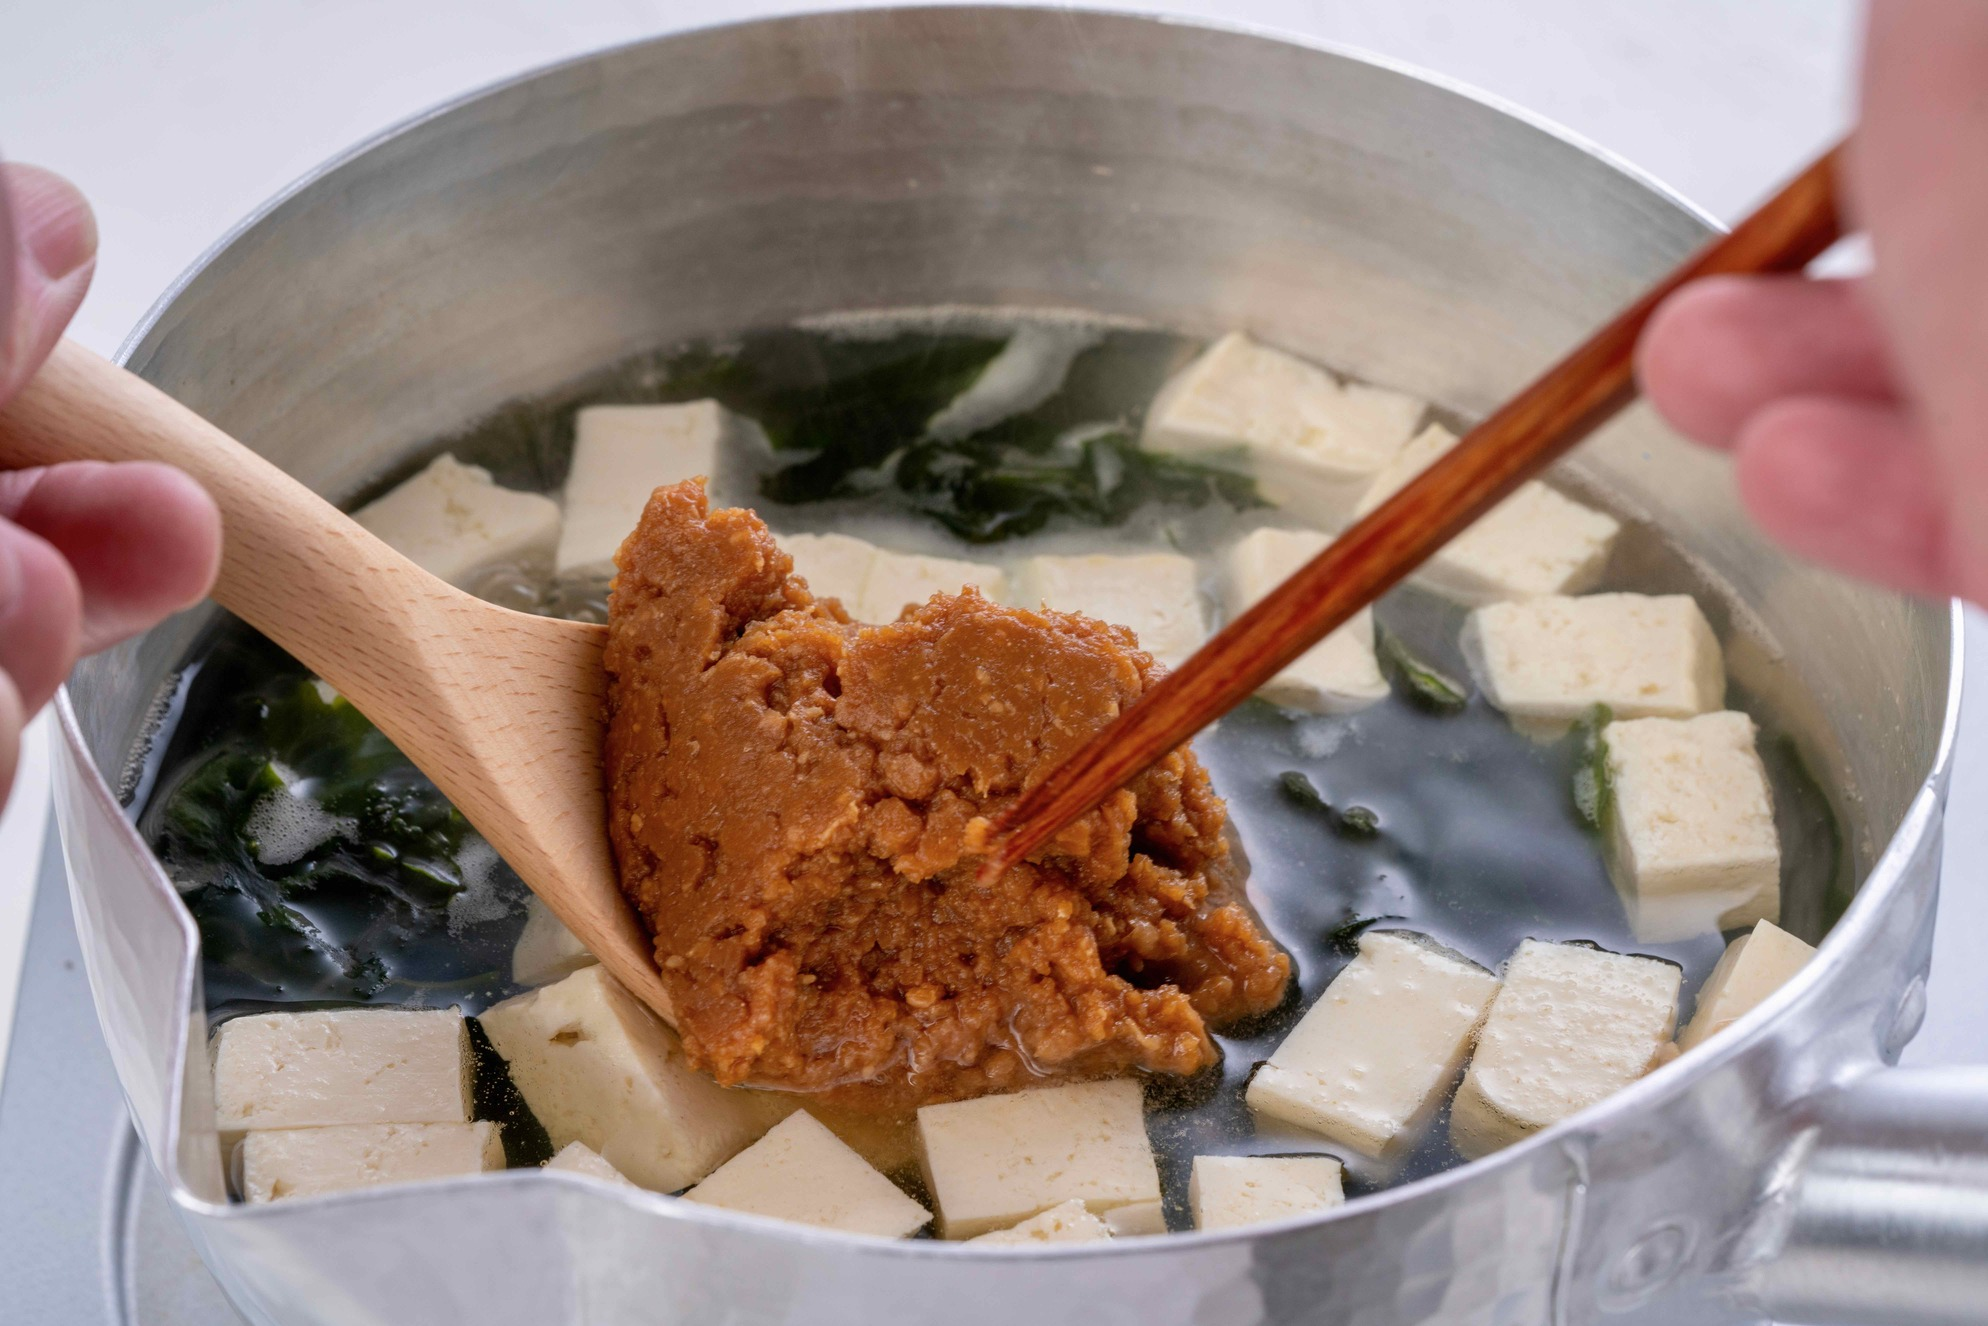 具とお湯が入った雪平鍋の中で味噌を溶く,豆腐とわかめの味噌汁